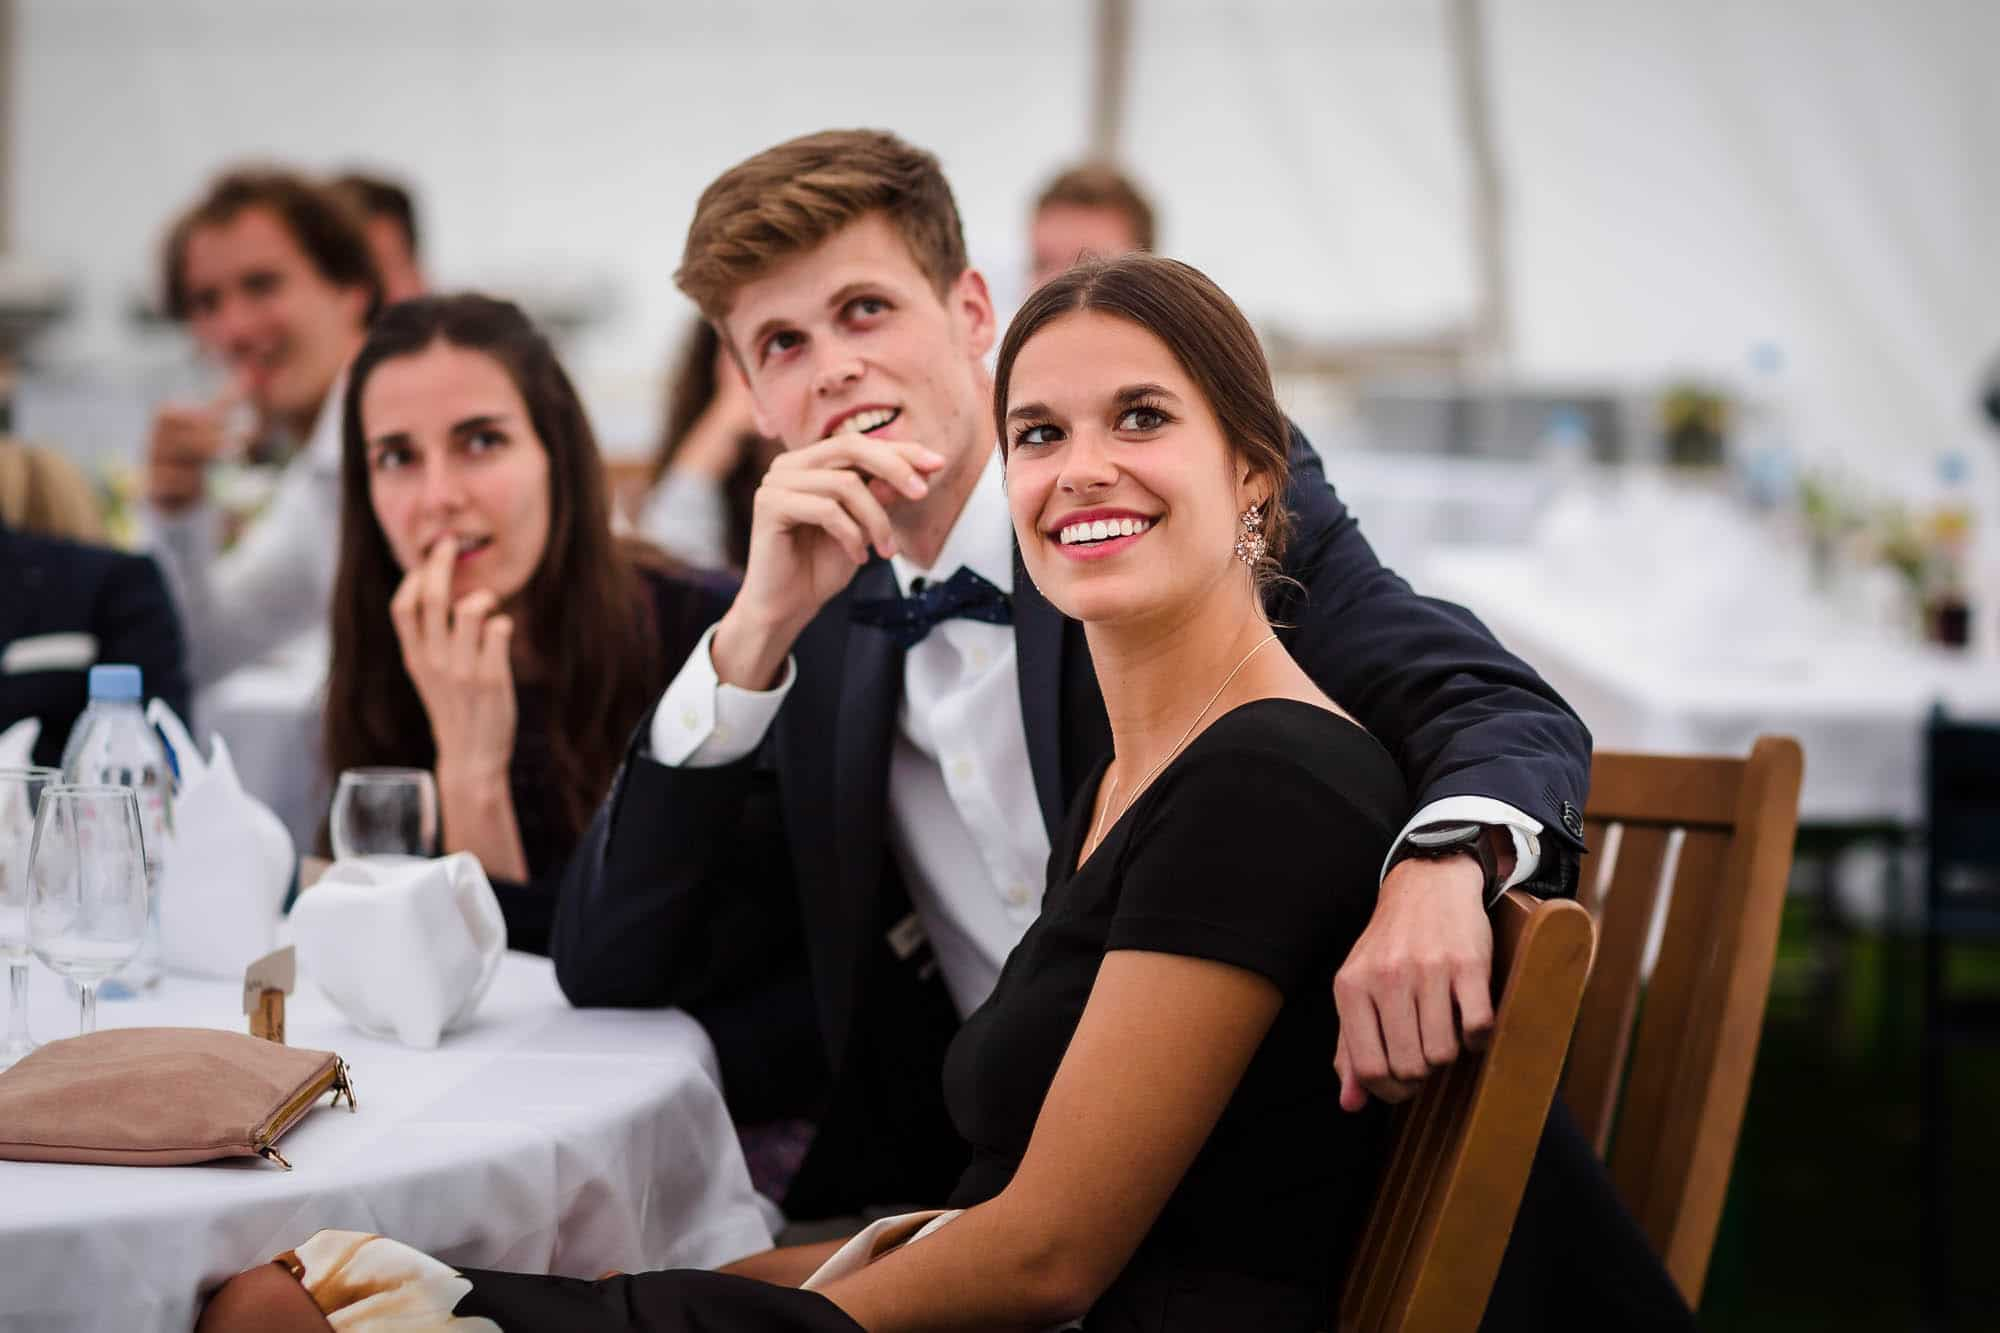 Gäste schauen gespannt